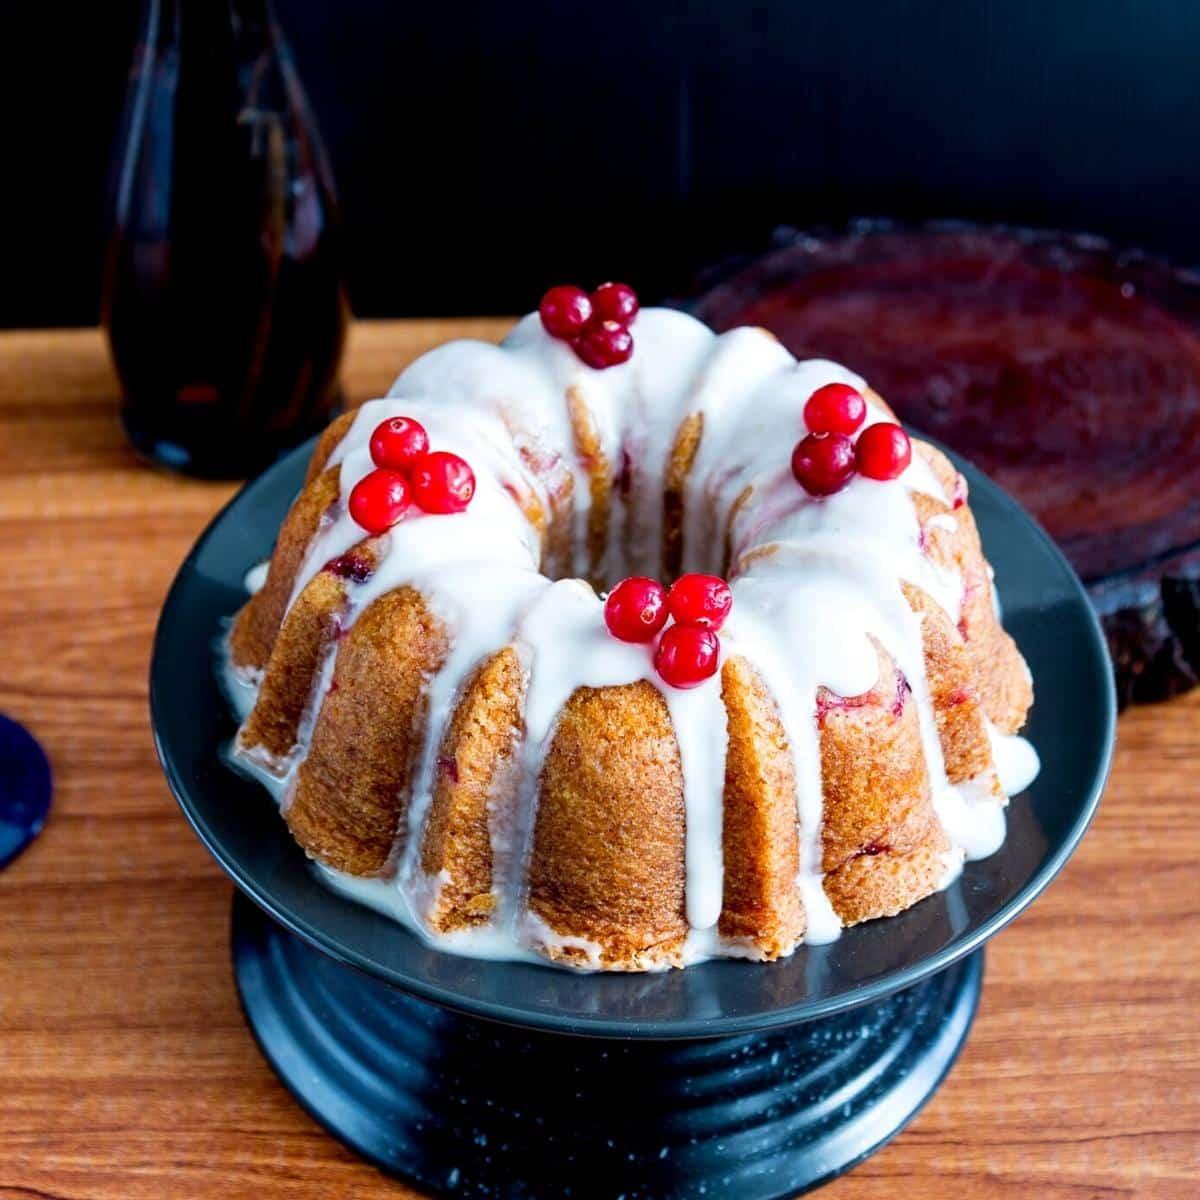 A glaze bundt cake on a cake board